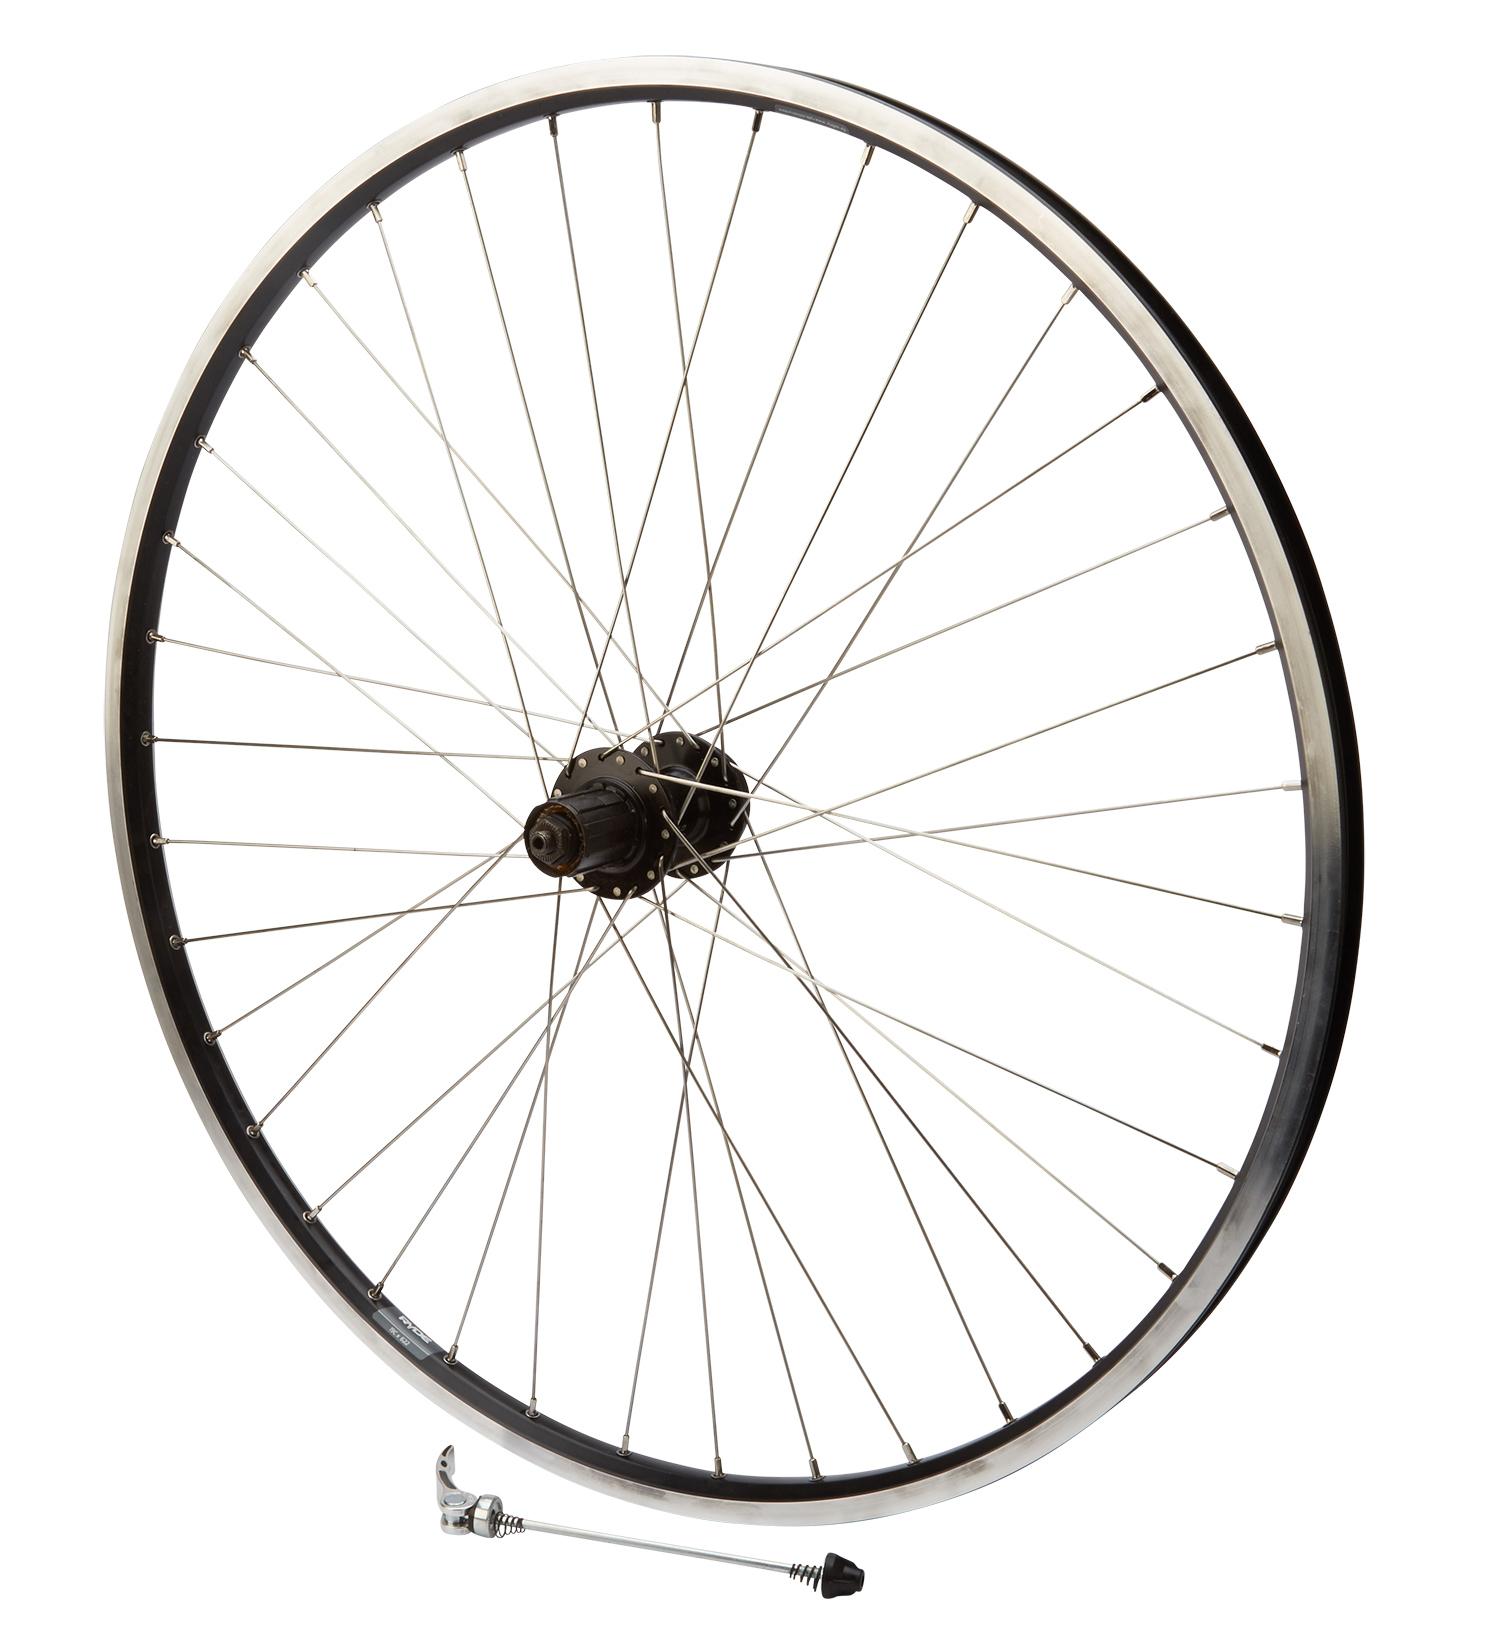 Baghjul 700c 8/10g sputnik sort   Rear wheel